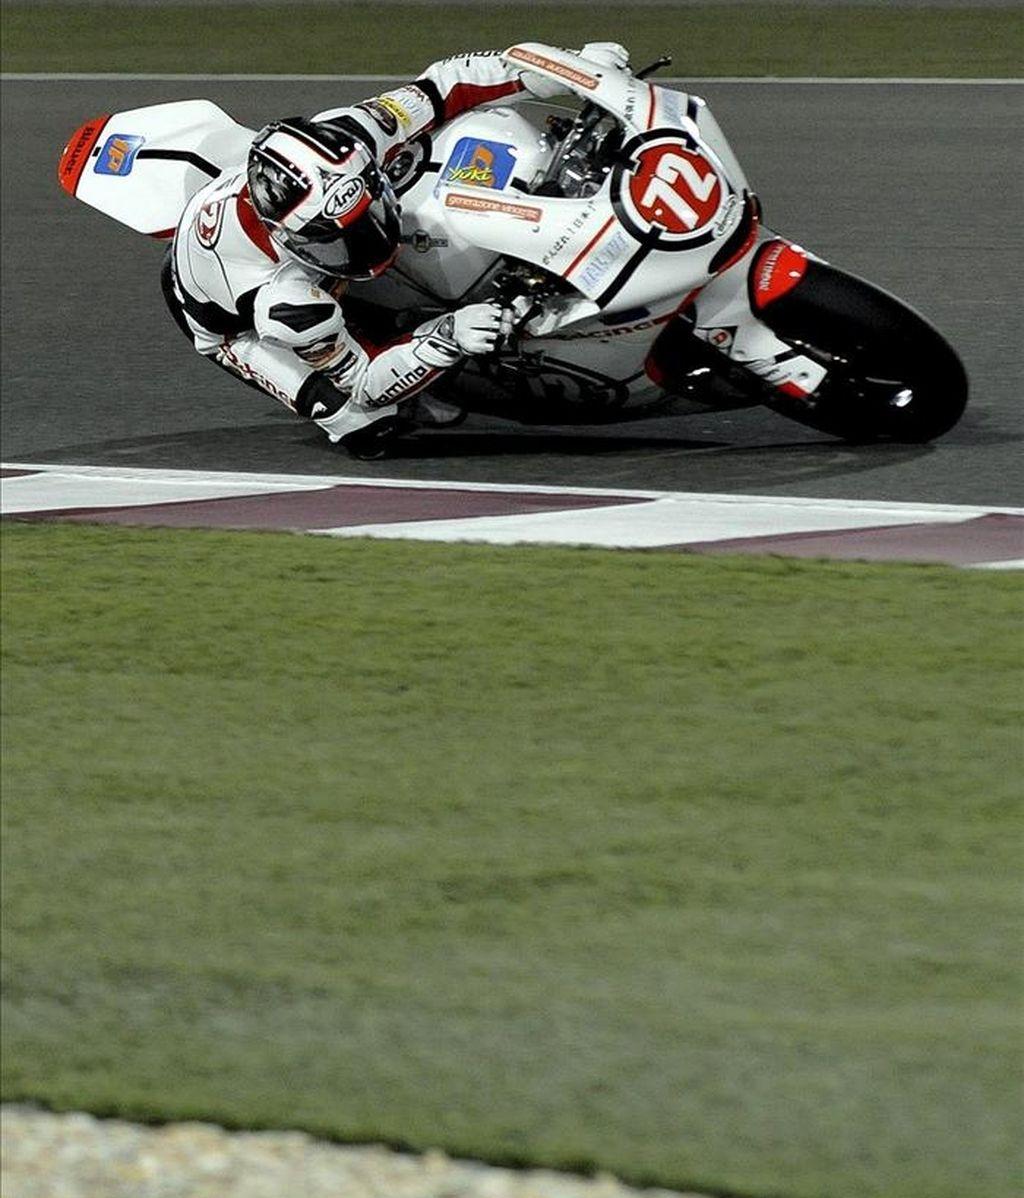 El piloto japonés de Moto2 Yuki Takahashi en el circuito de Doha, Catar. EFE